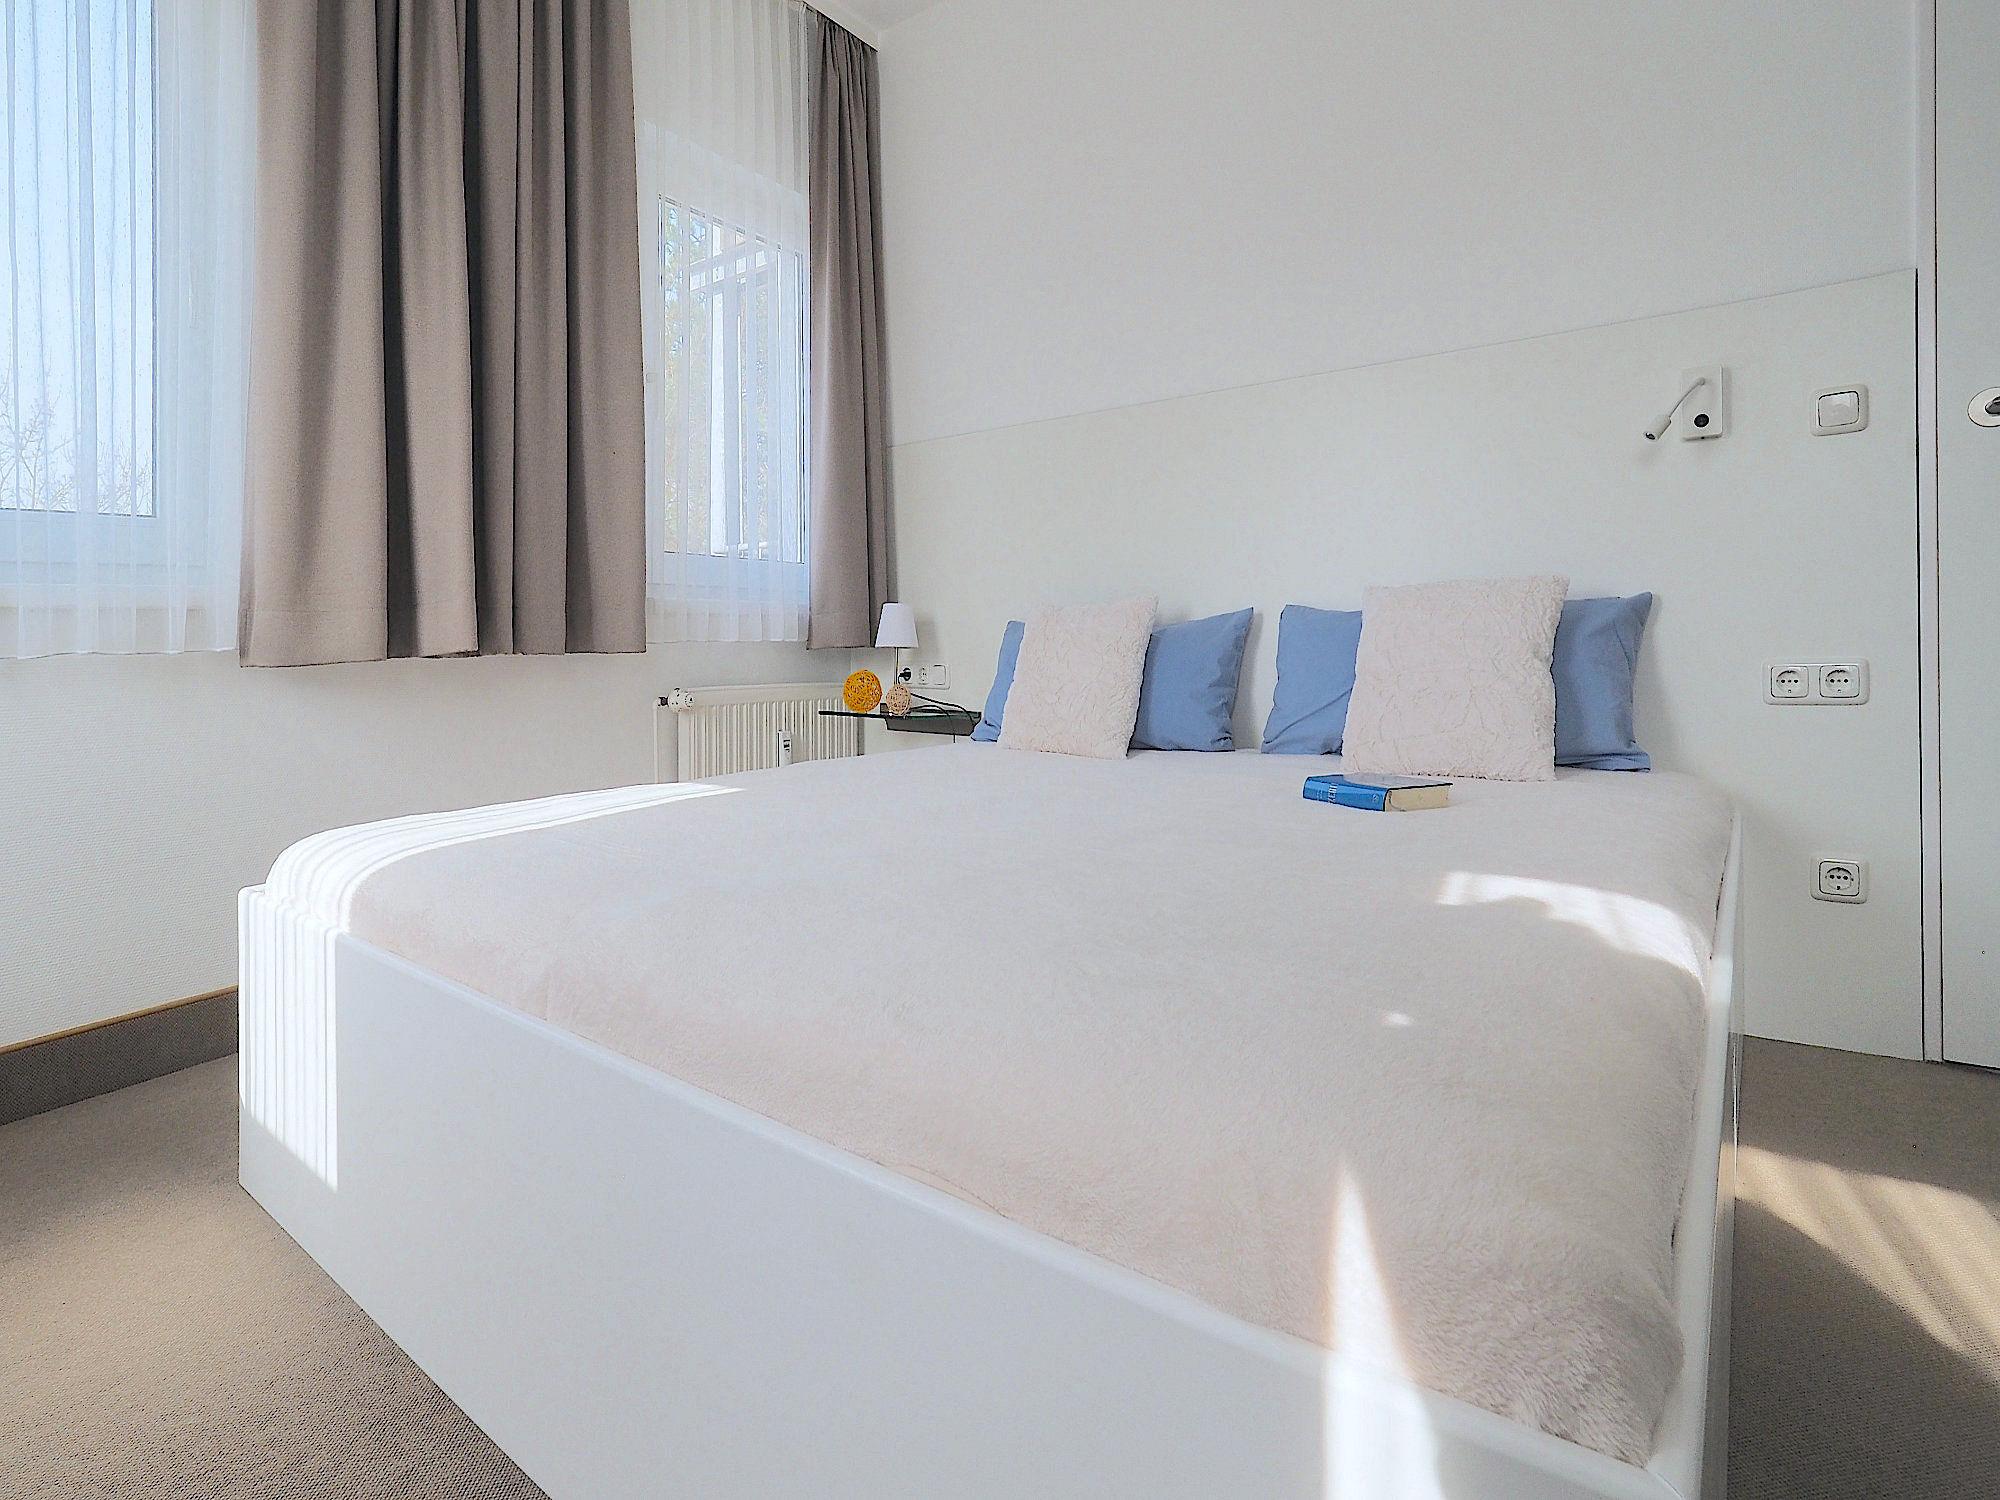 Zweites Schlafzimmer mit Doppelbett, dahinter  2 Fenster